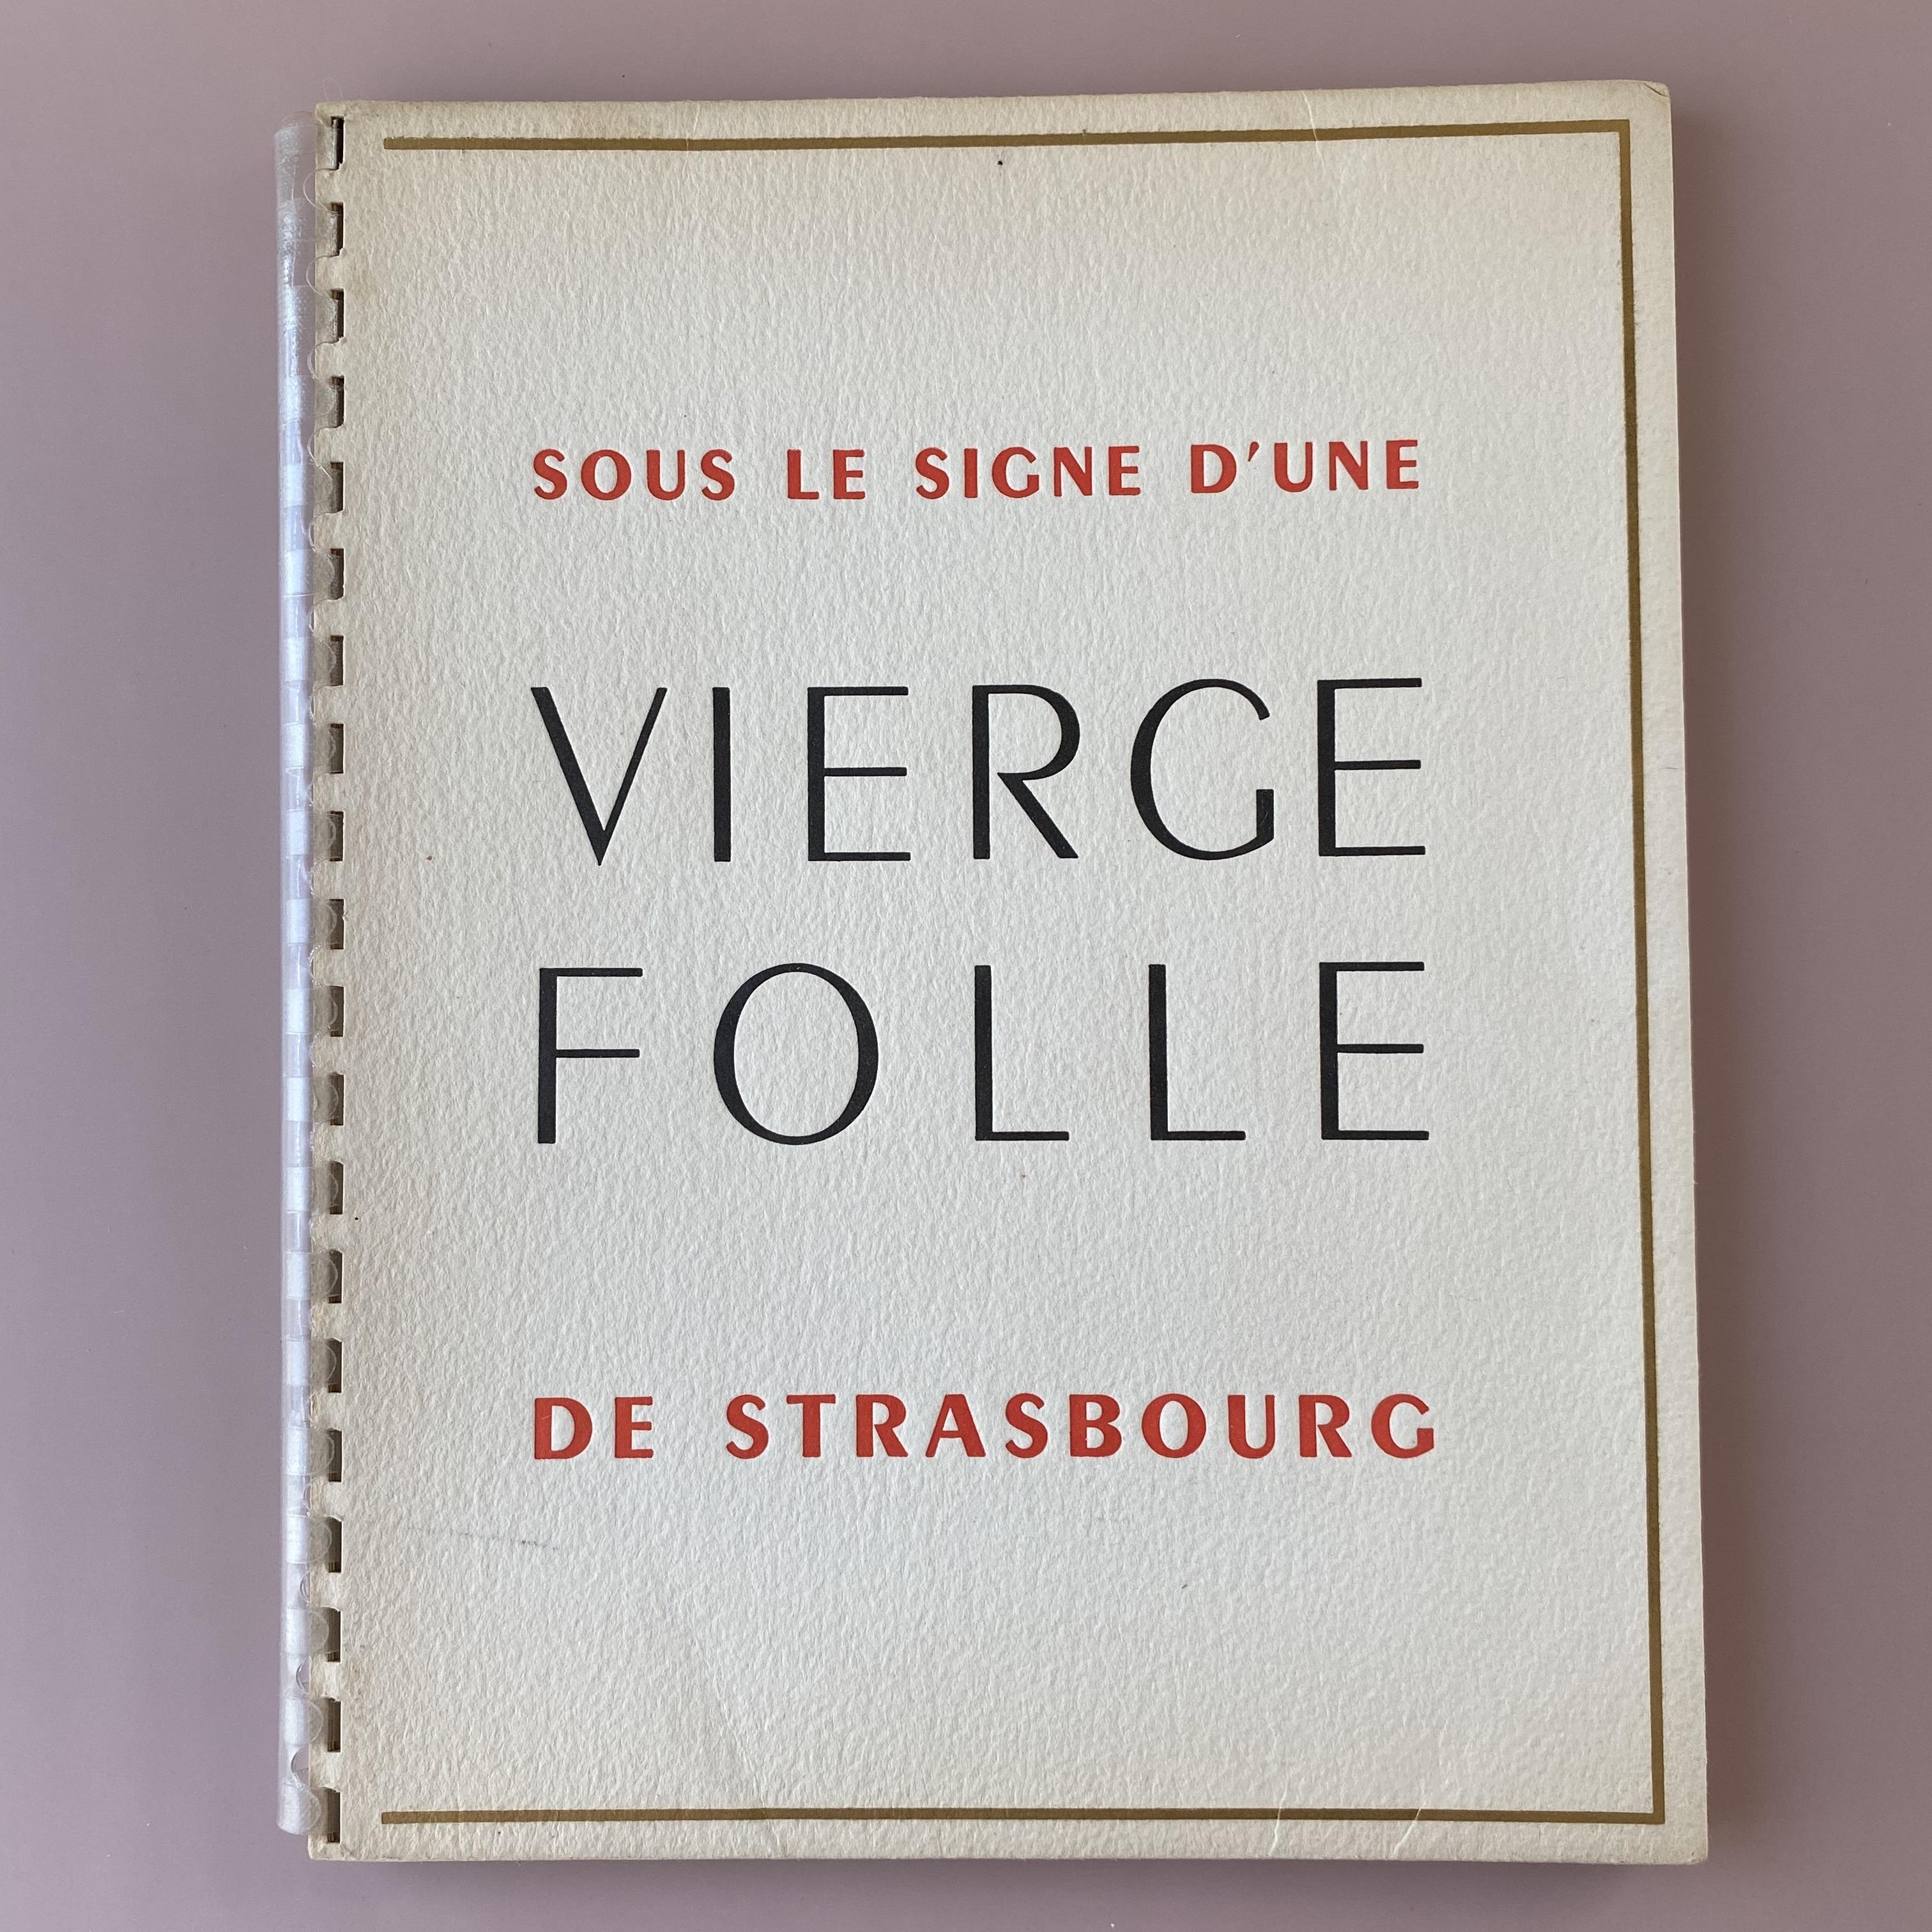 VINS NICOLAS CATALOGUE 1951・Louis Berthommé Saint-André / vp0099